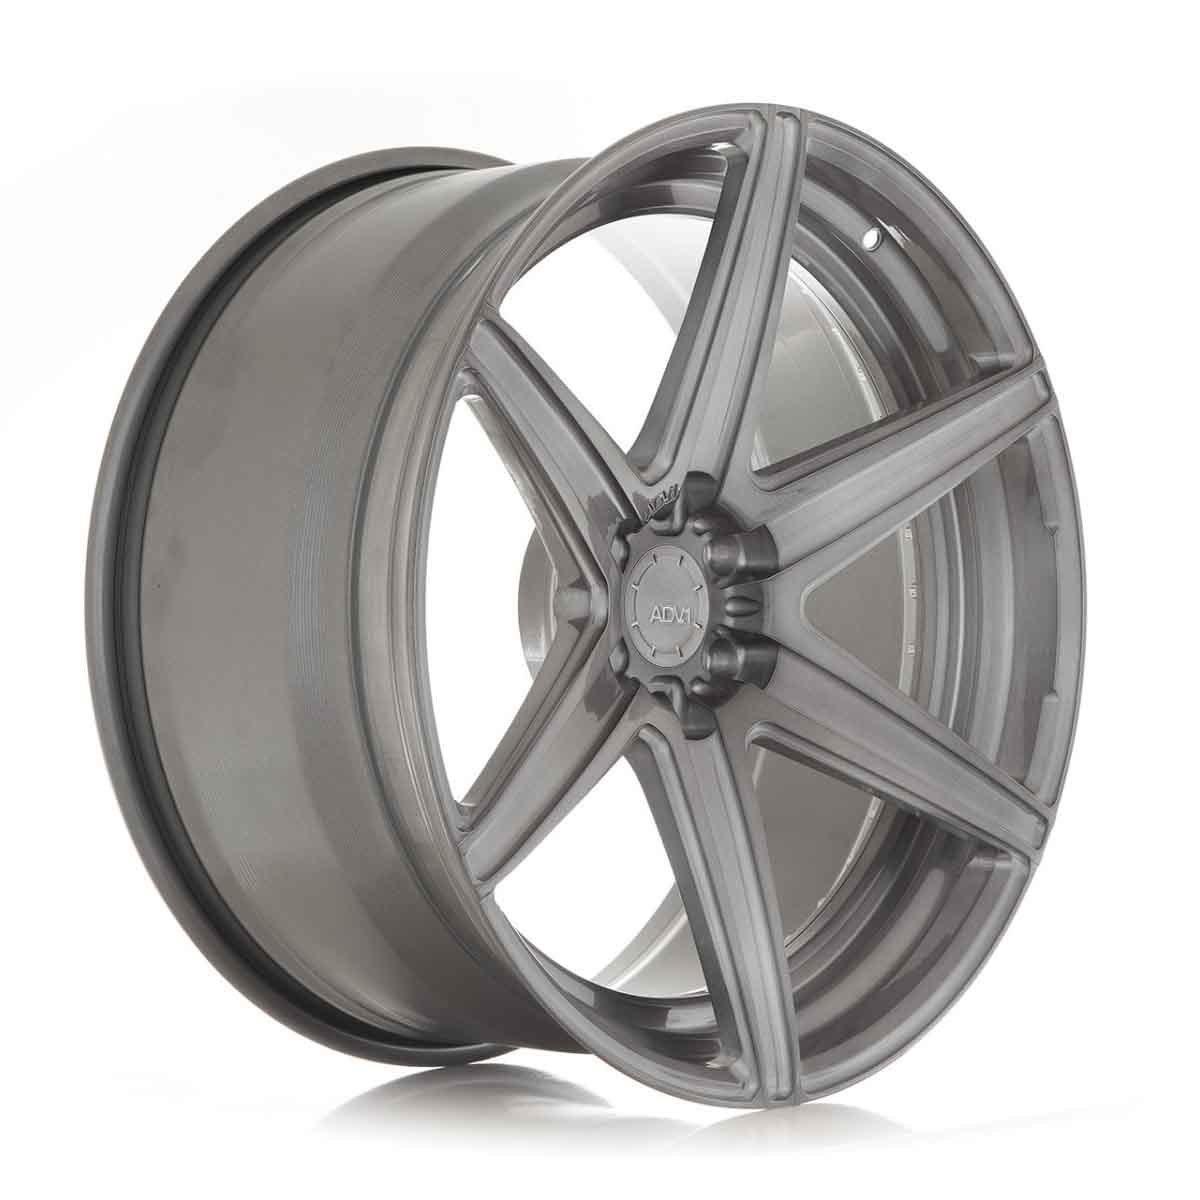 ADV.1 ADV6 M.V2 (SL Series) forged wheels